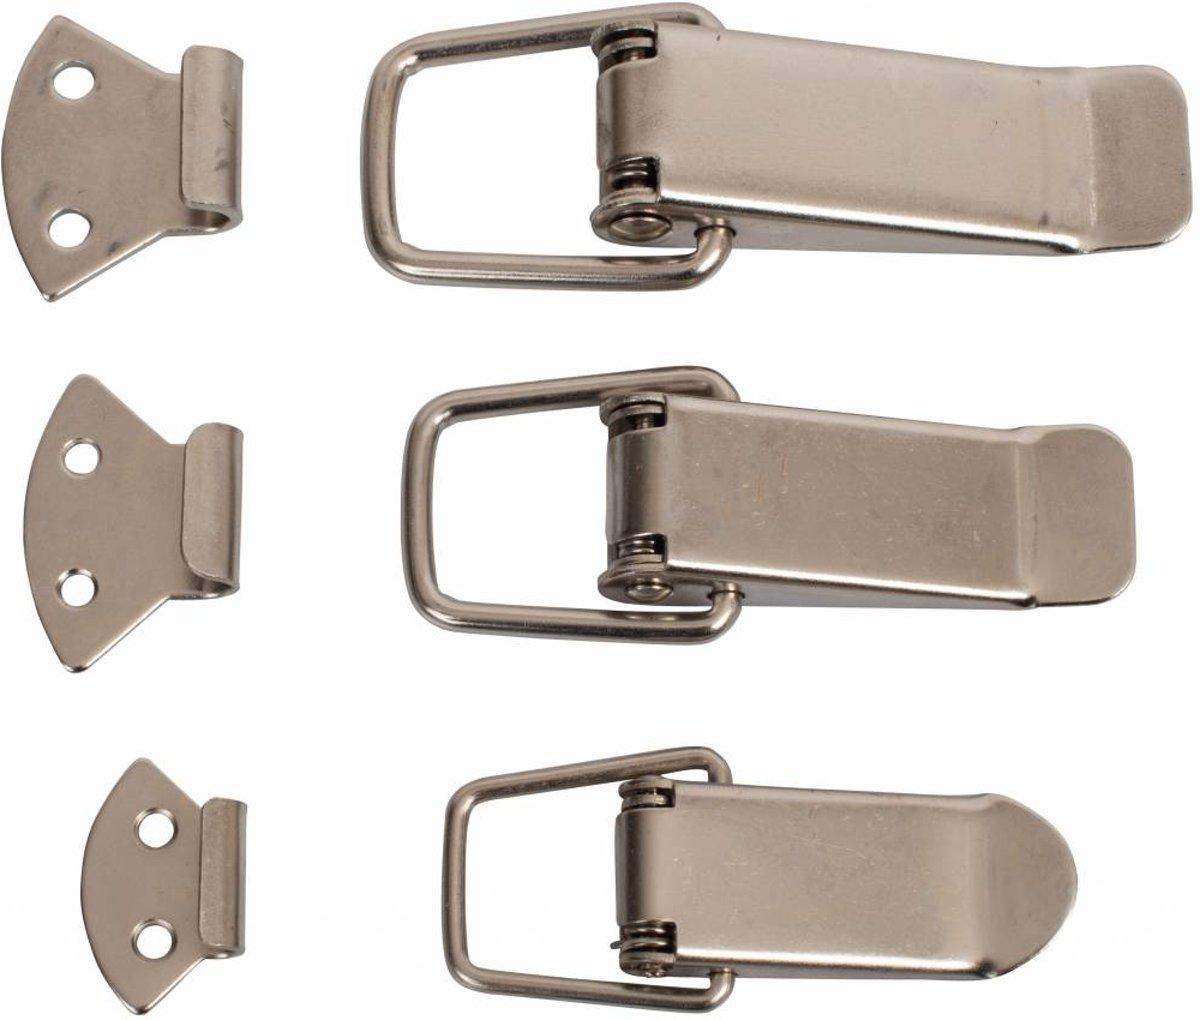 Kist sluitingen in diverse maten 89.7 mm x 35.7 mm kopen